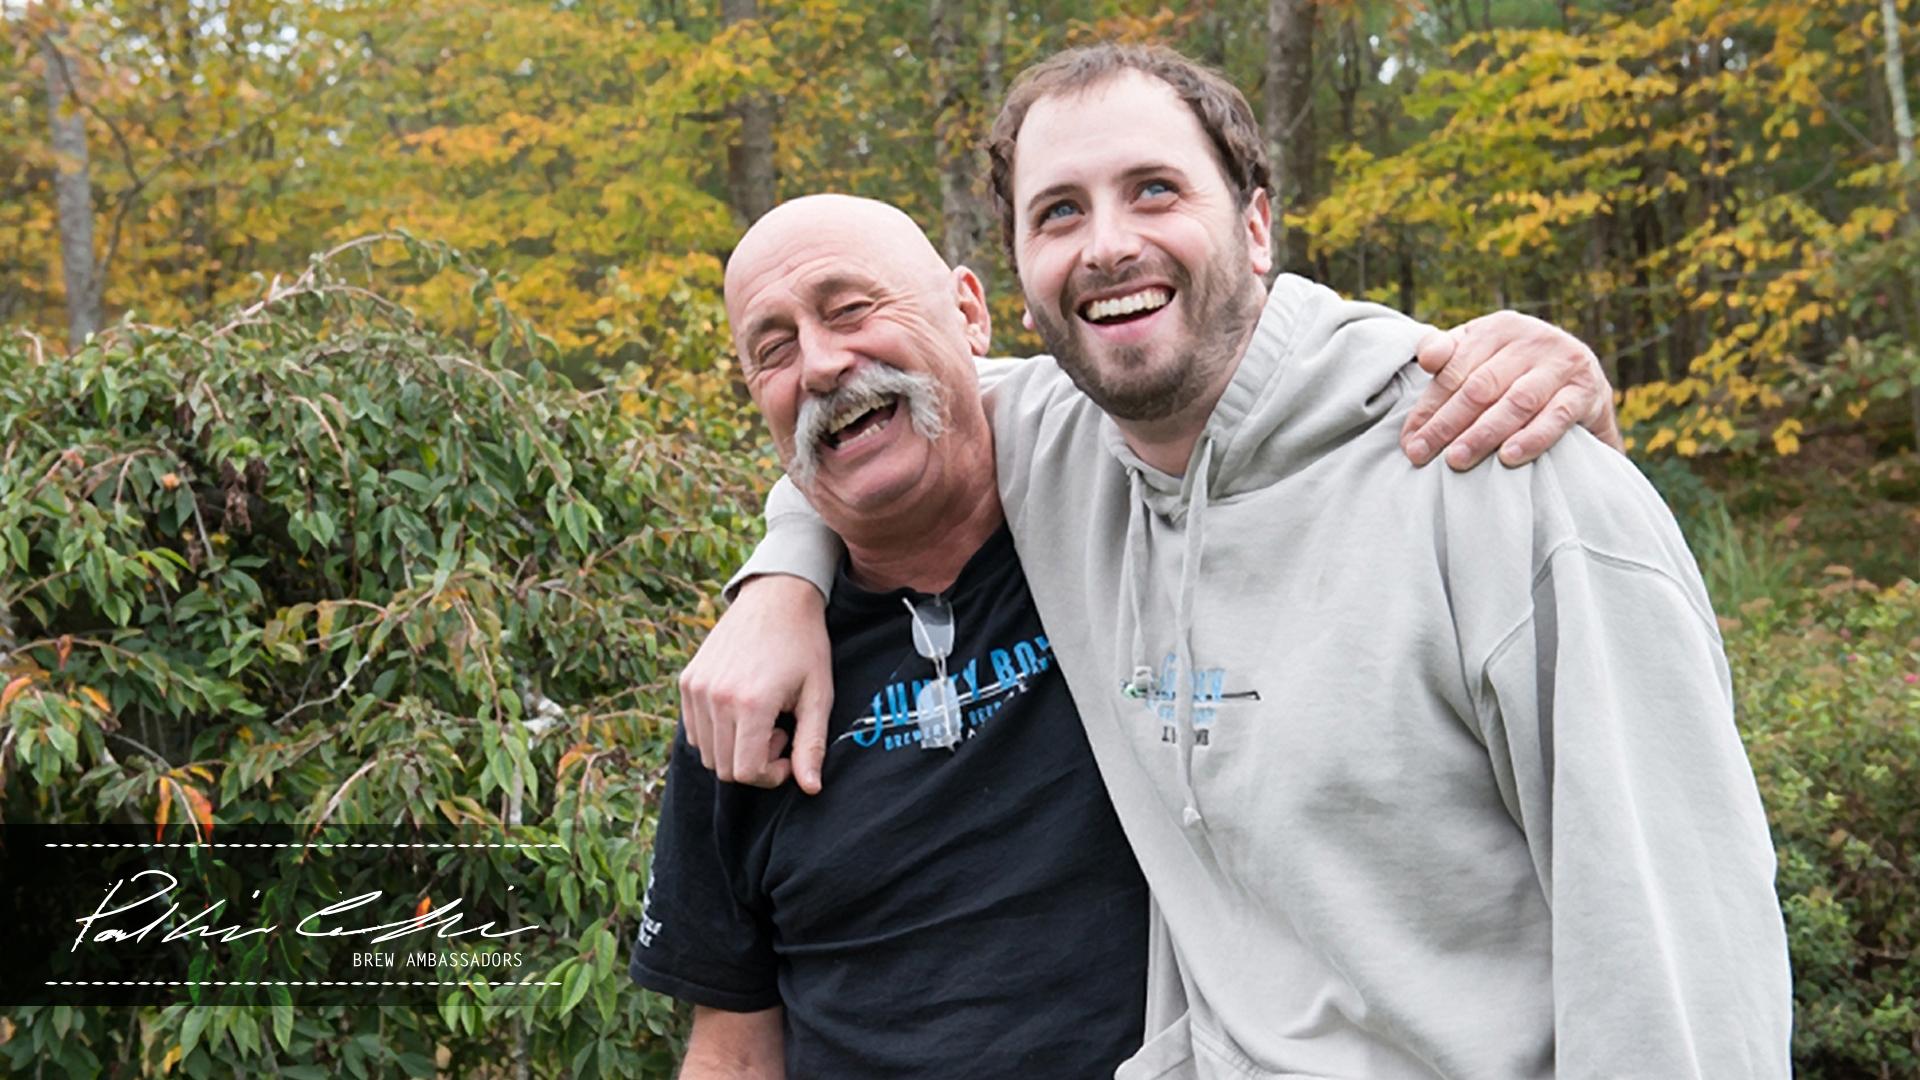 Paul and Abraham Lorrain